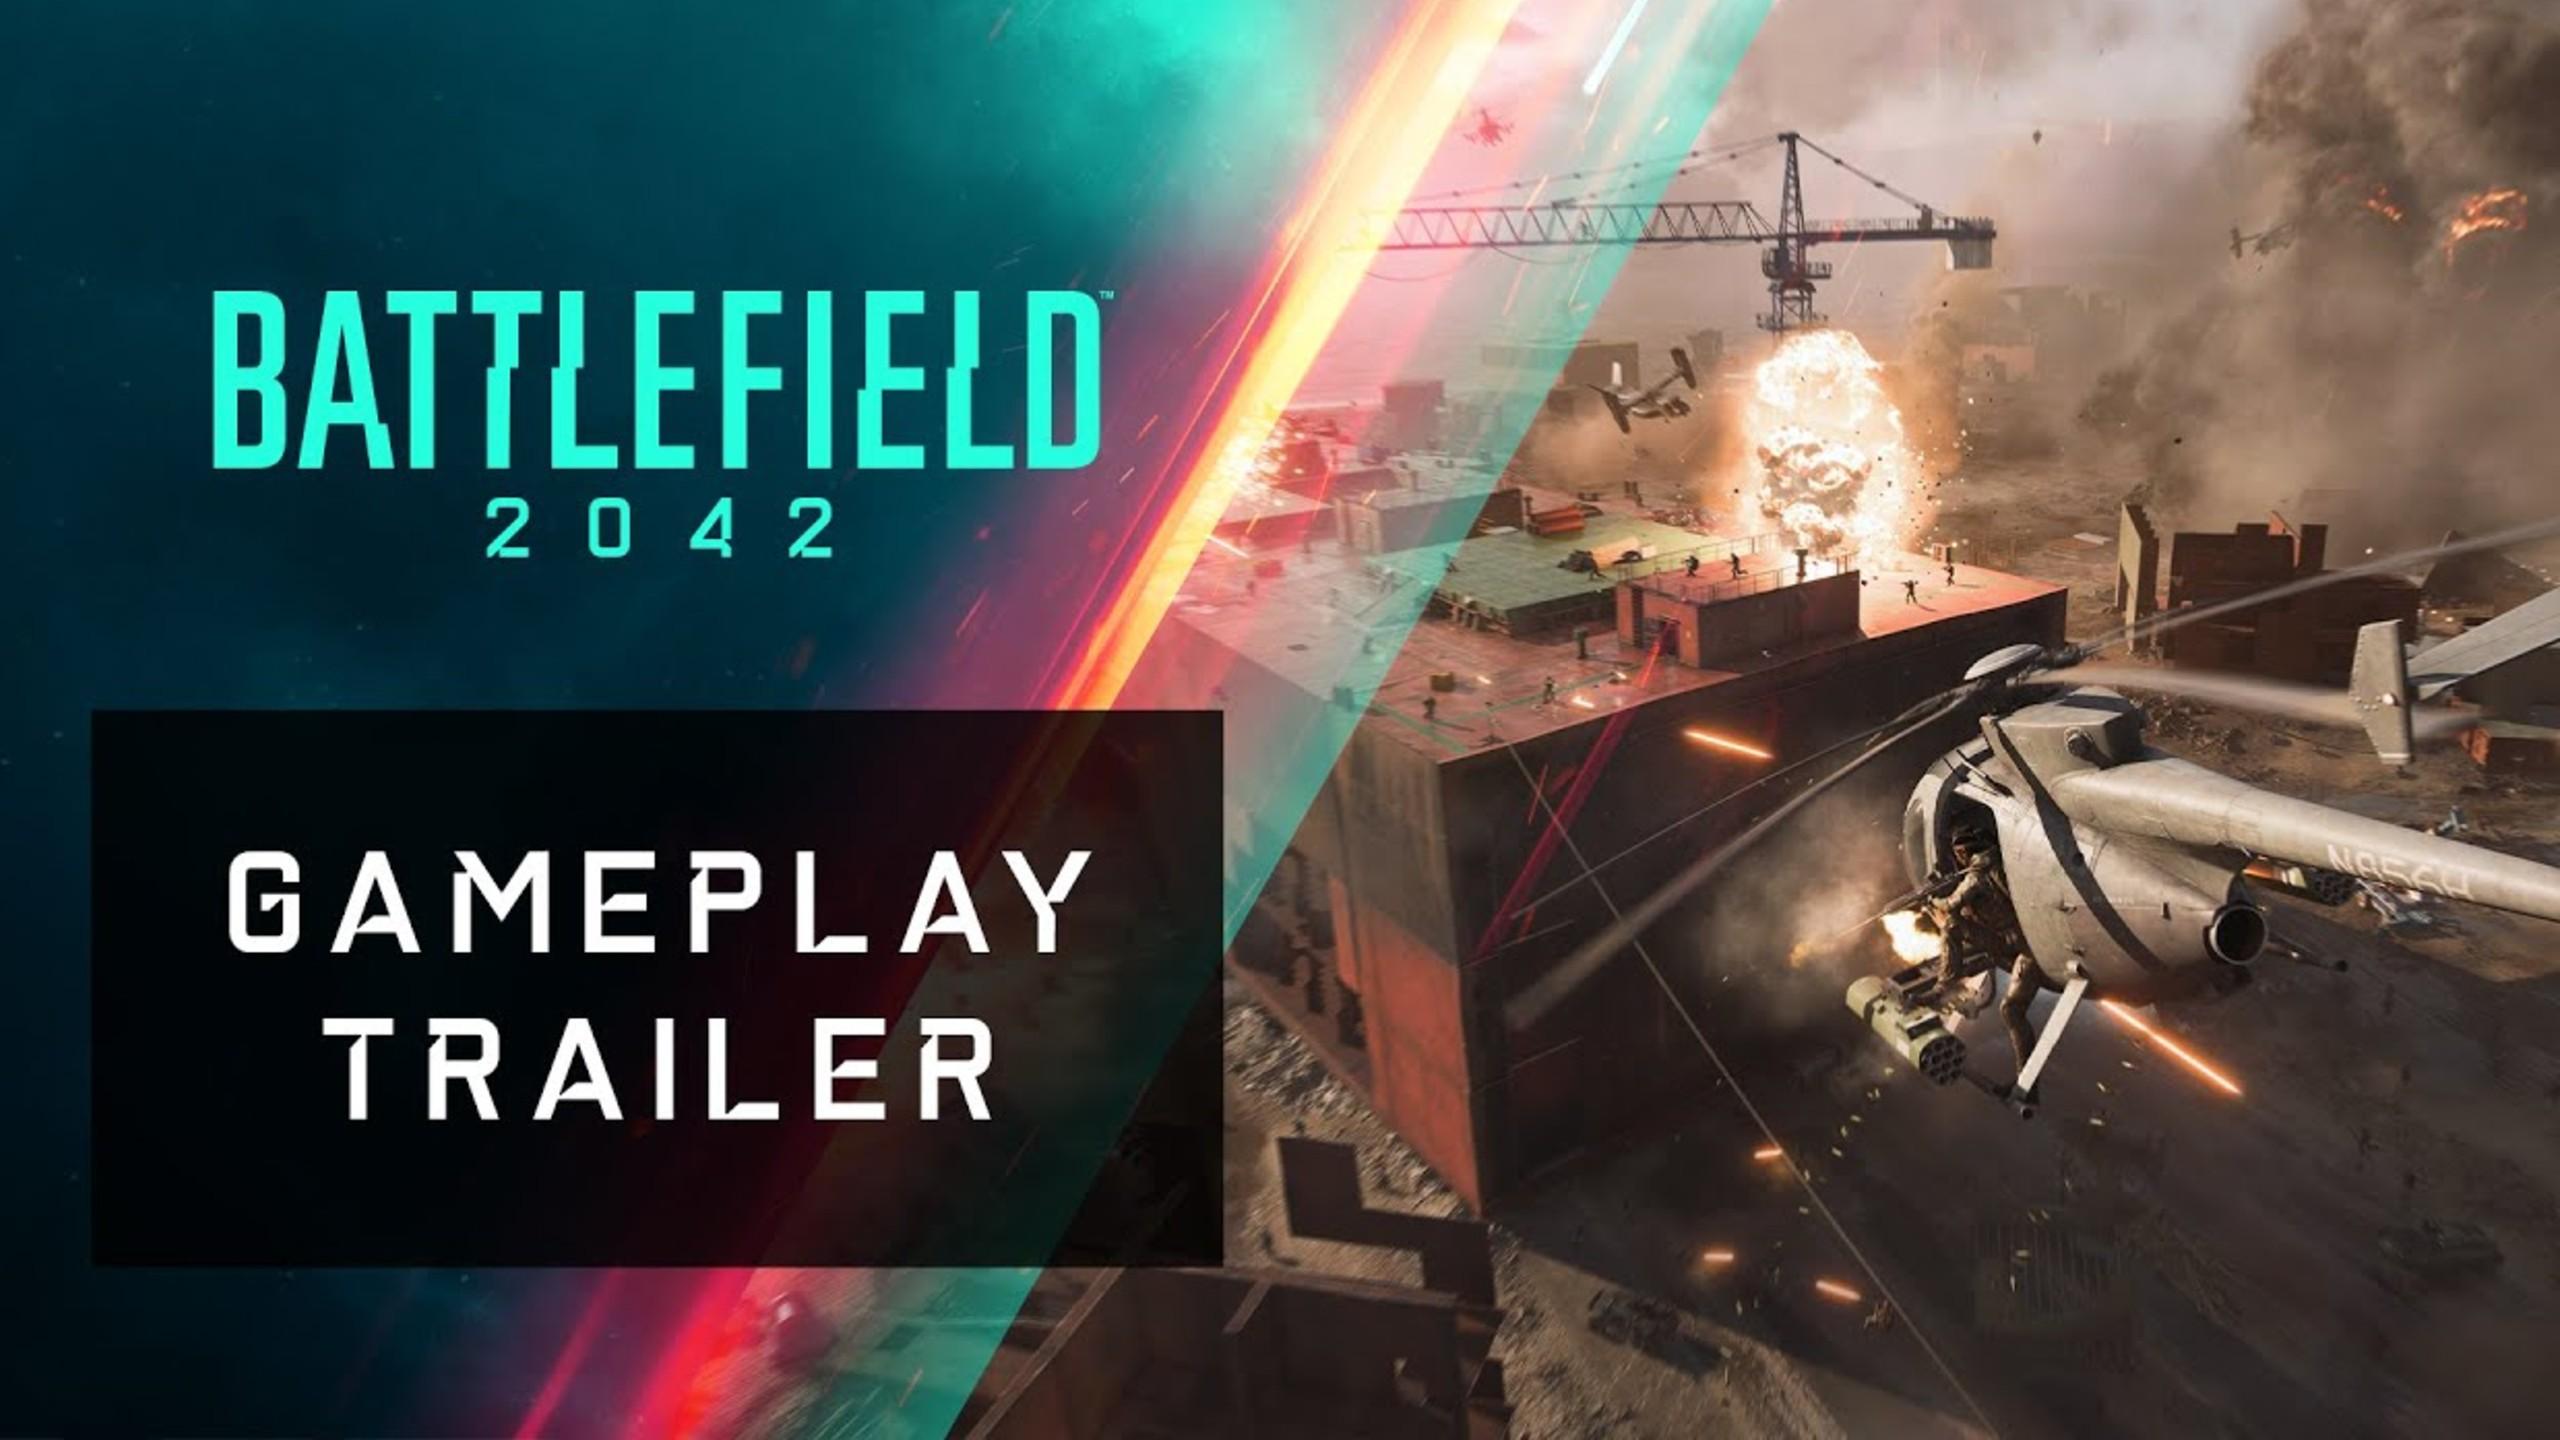 Battlefield 2042 Gameplay Trailer